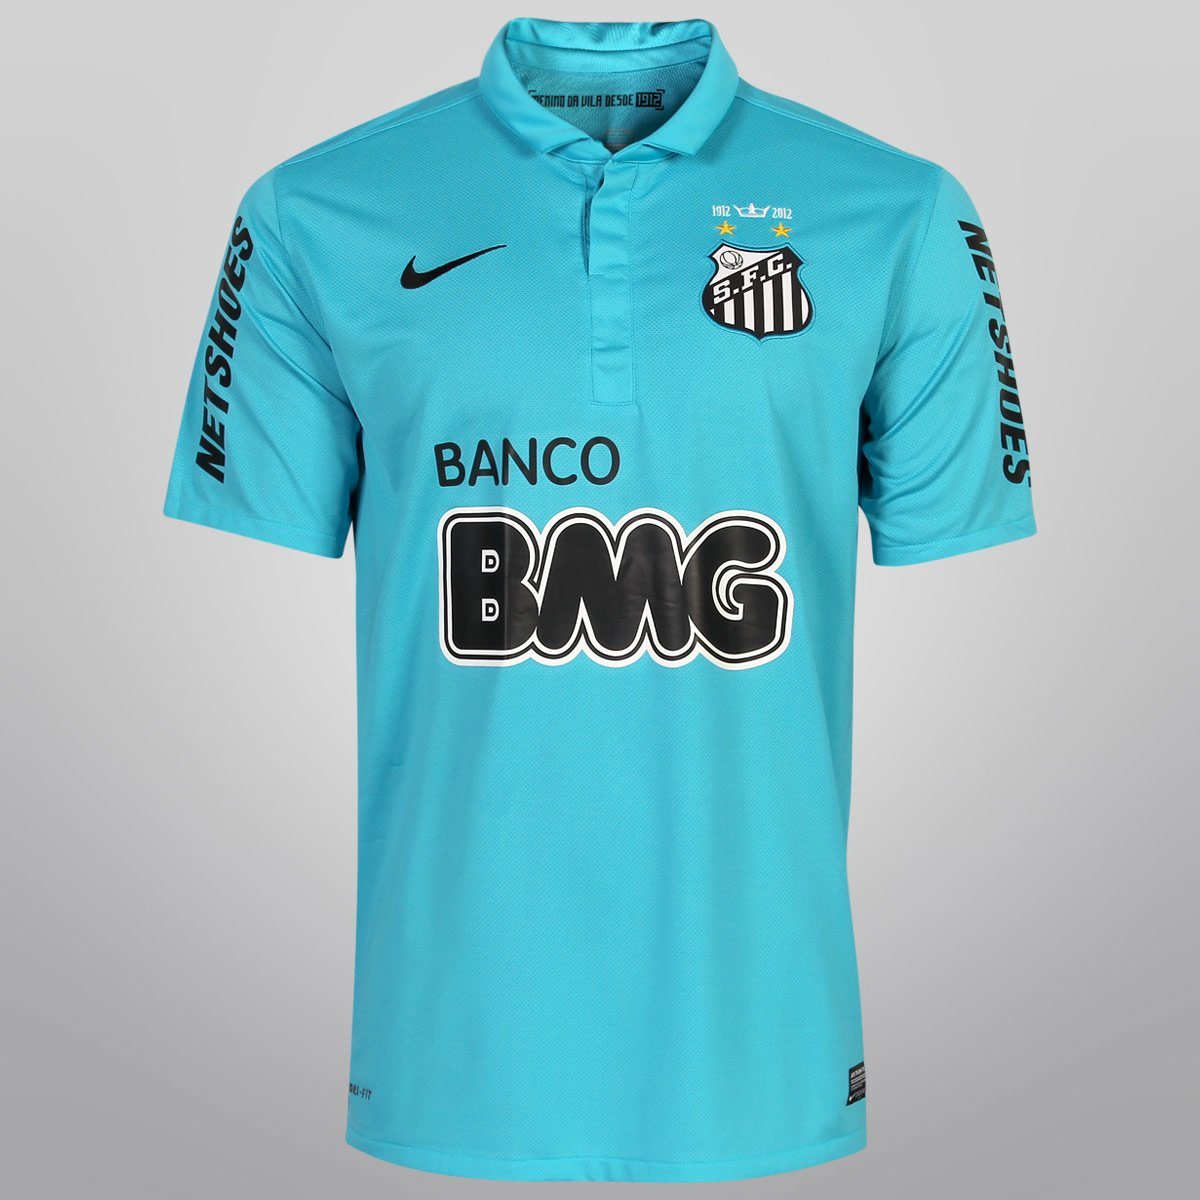 6ada5f34c9 Camisa Nike Santos III 12 13 s nº - Centenário - Compre Agora